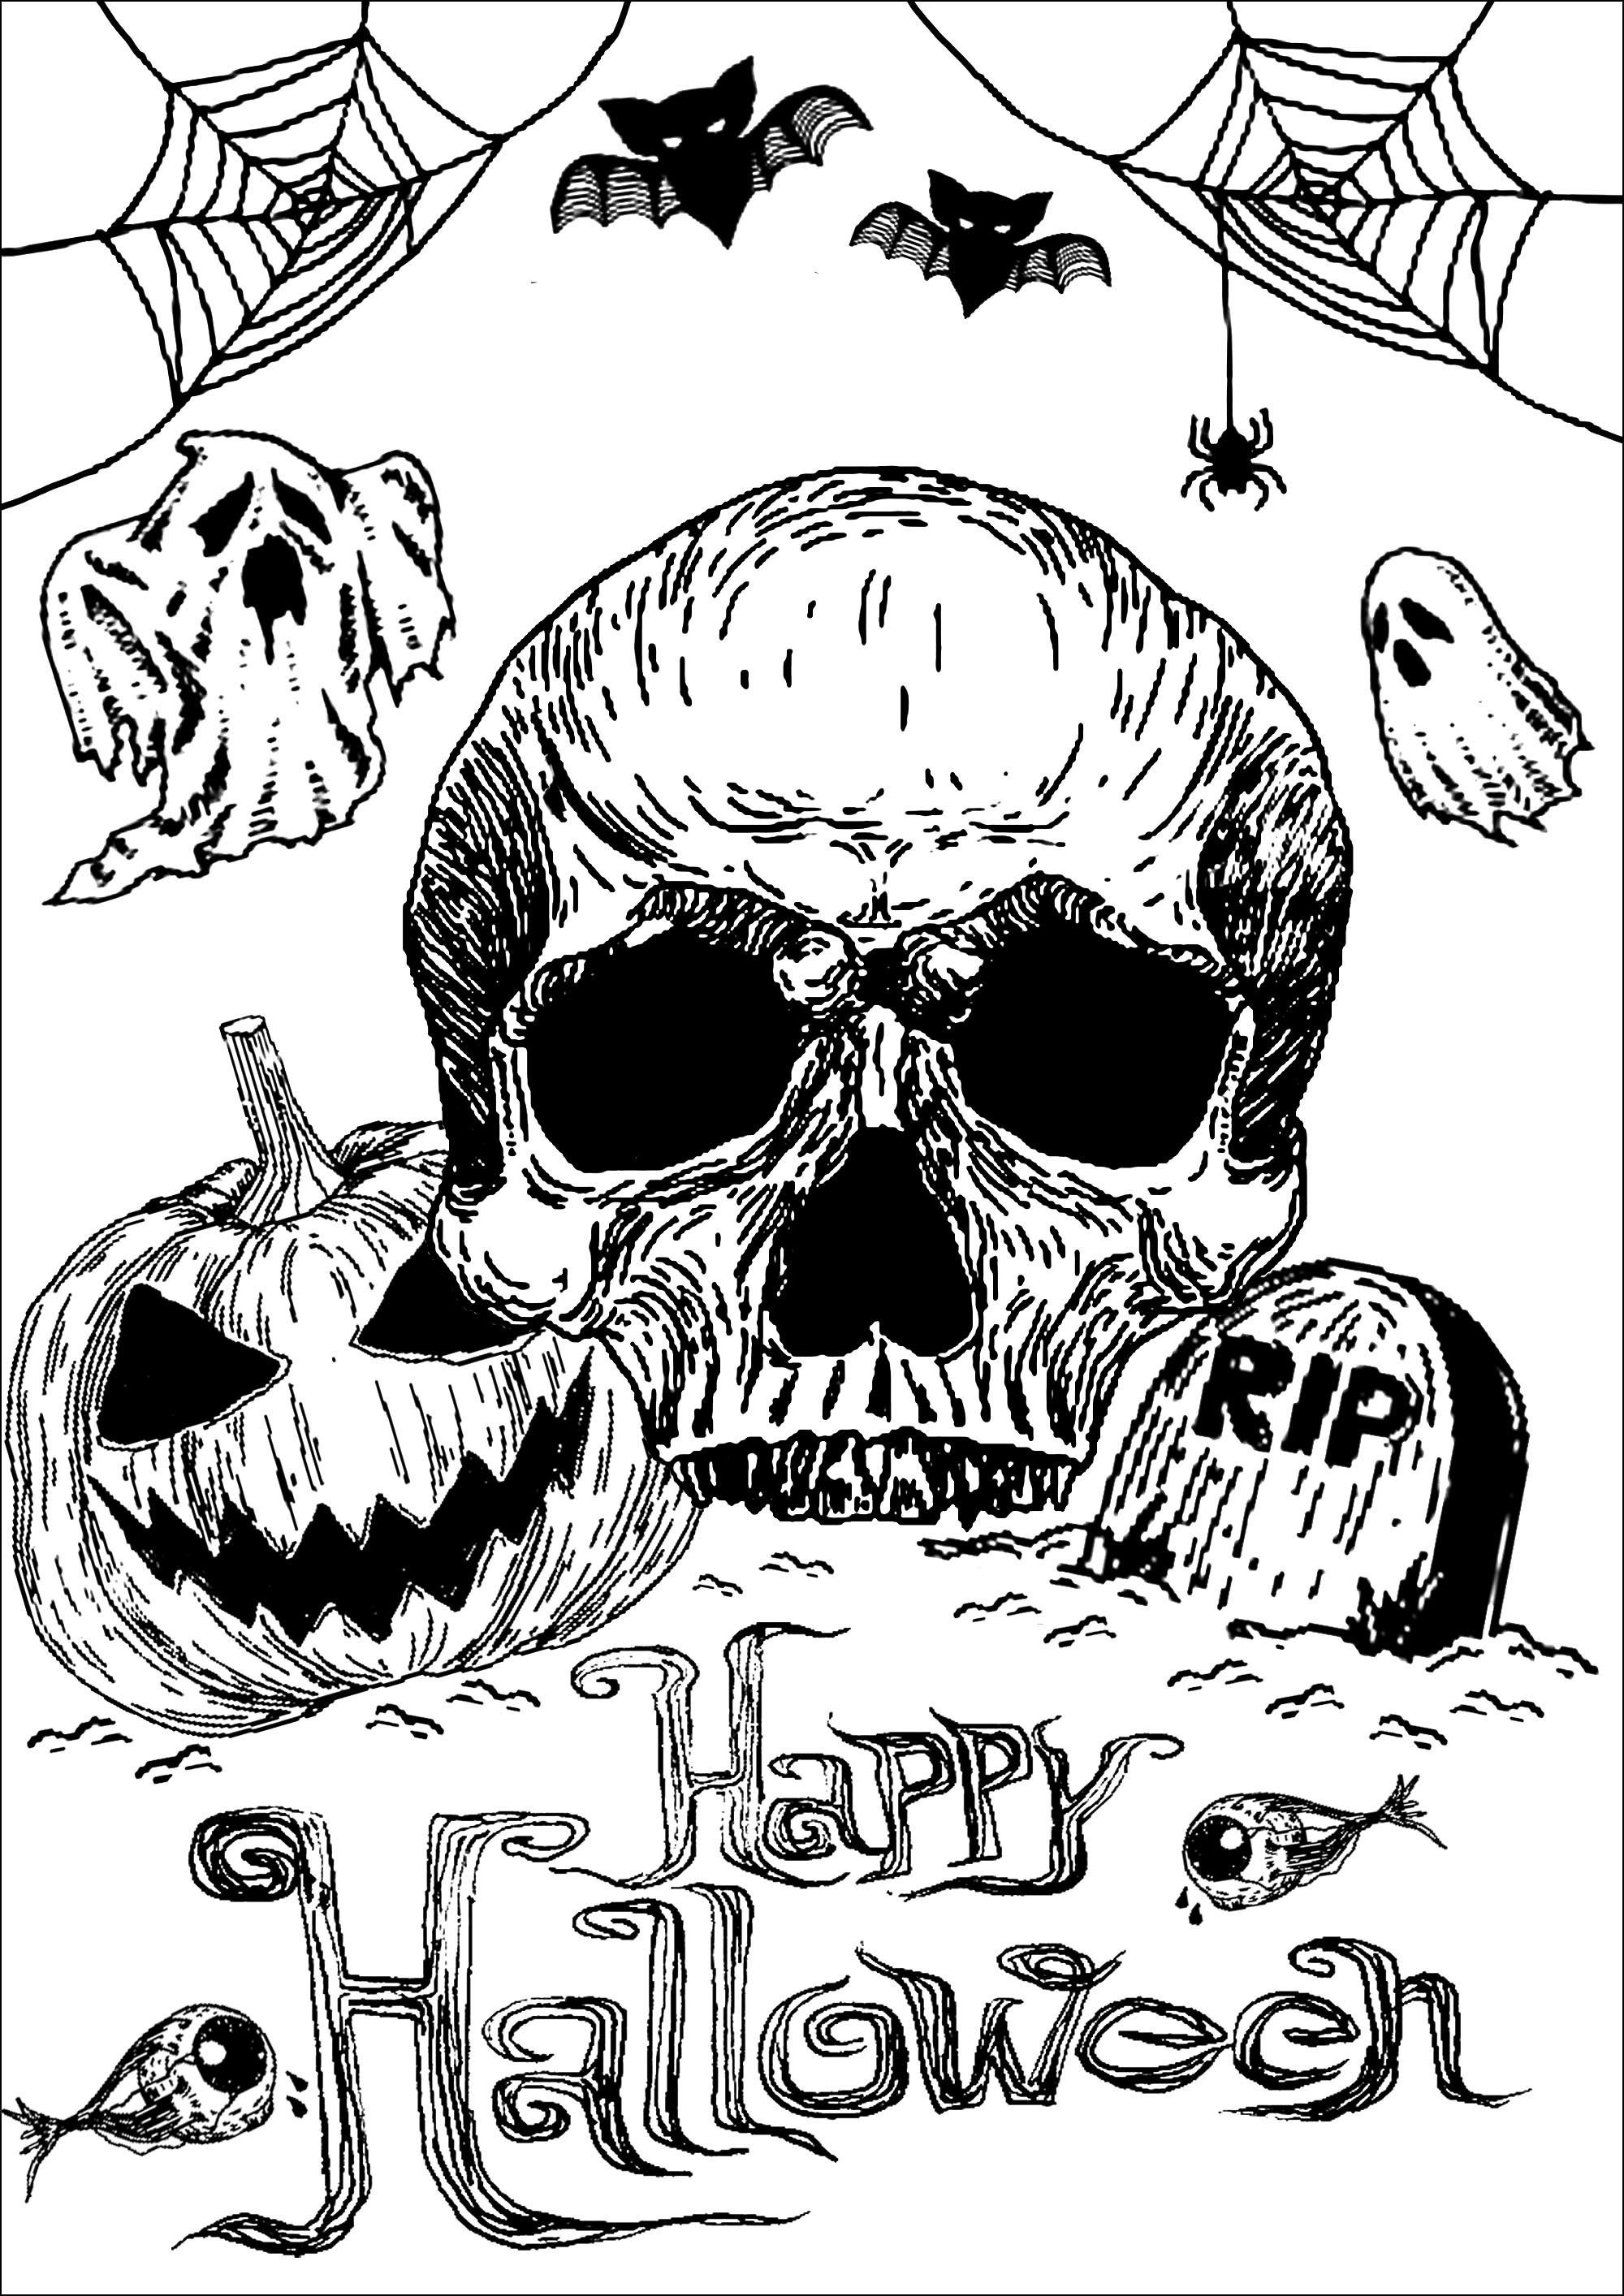 Coloriez pour Halloween ce crâne, cette citrouille et cette tombe ... accompagnée de jolis fantômes, chauves-souris, toiles d'araignées ...